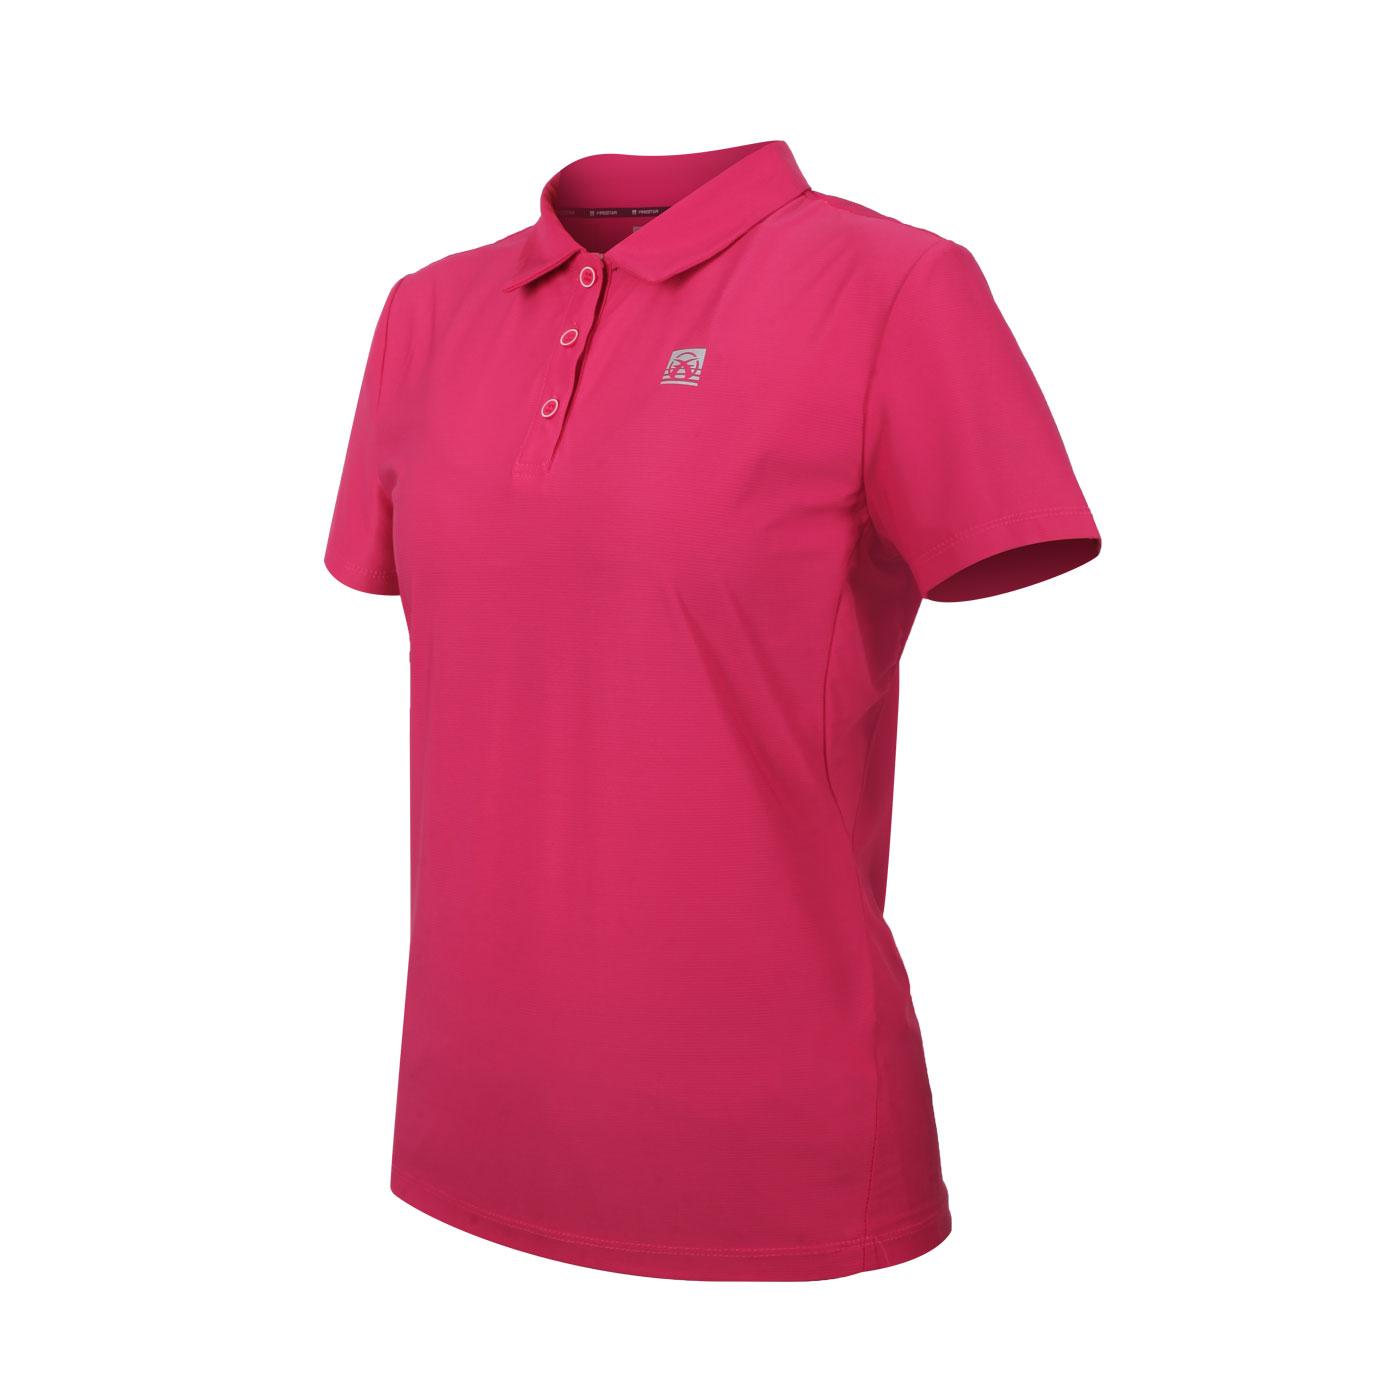 FIRESTAR 女款彈性機能短袖POLO衫 DL168-47 - 桃紅銀